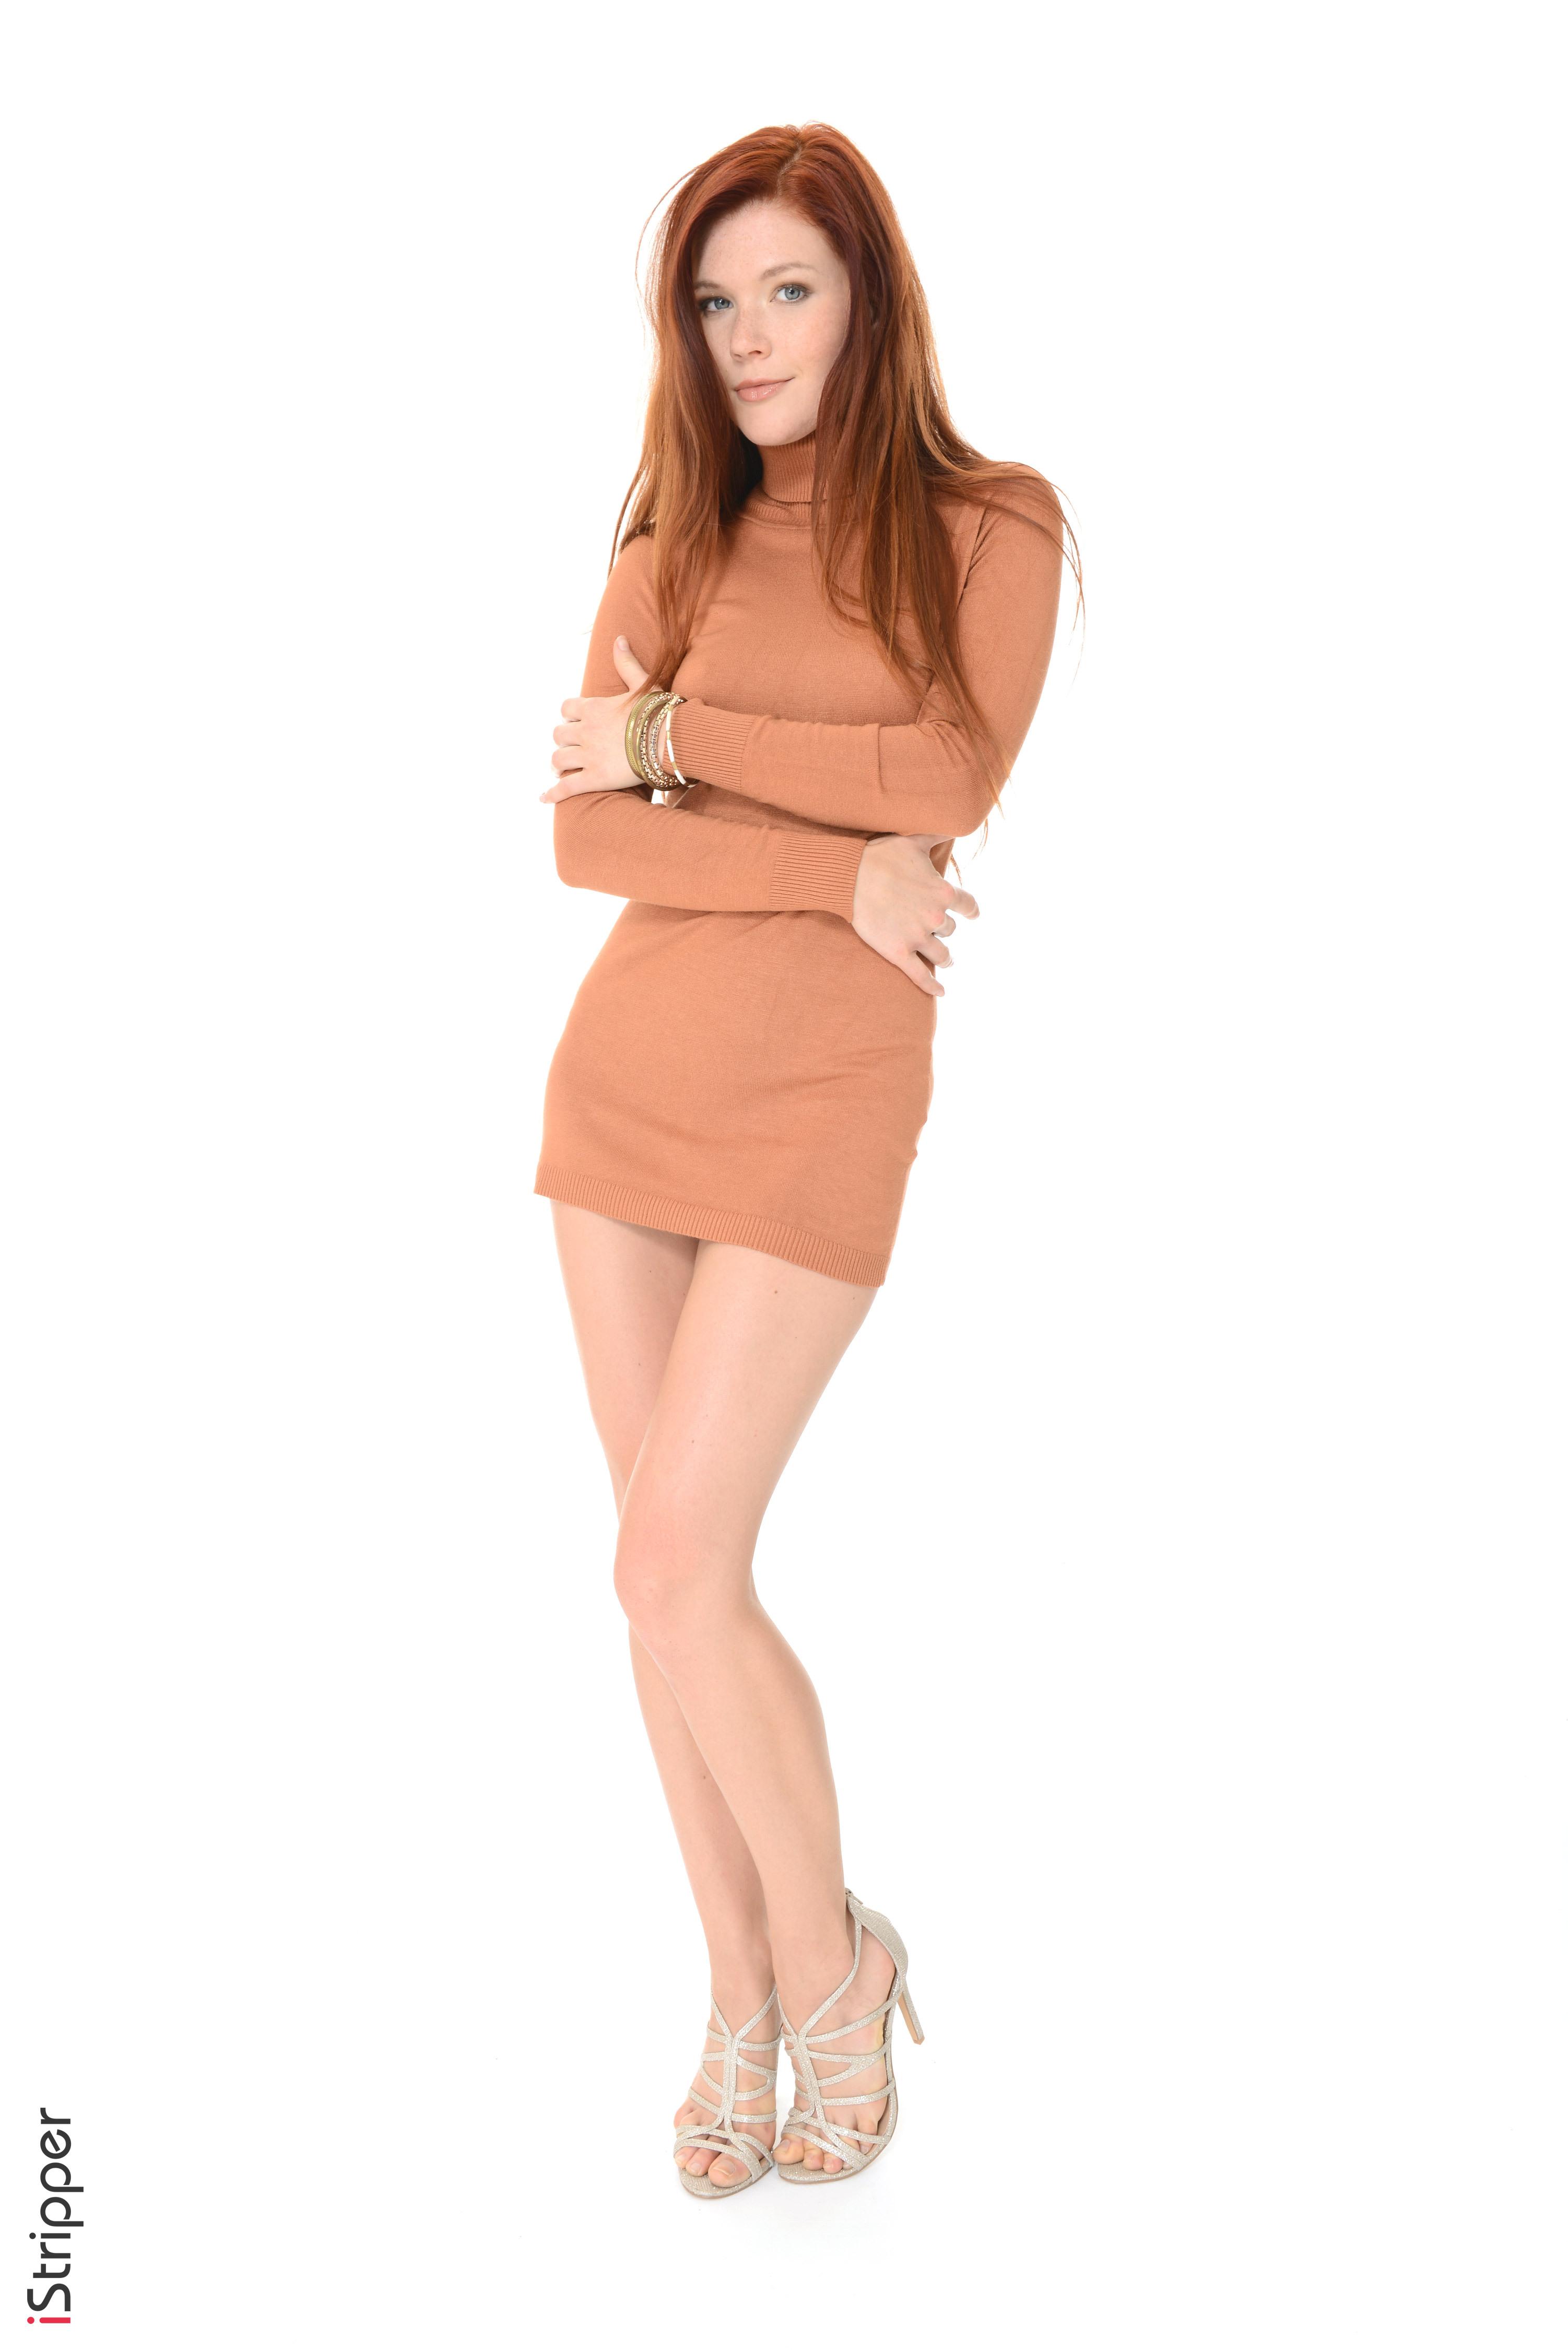 Foto Mia Sollis Rotschopf iStripper junge Frauen Bein Weißer hintergrund Kleid High Heels 3003x4500 für Handy Mädchens junge frau Stöckelschuh